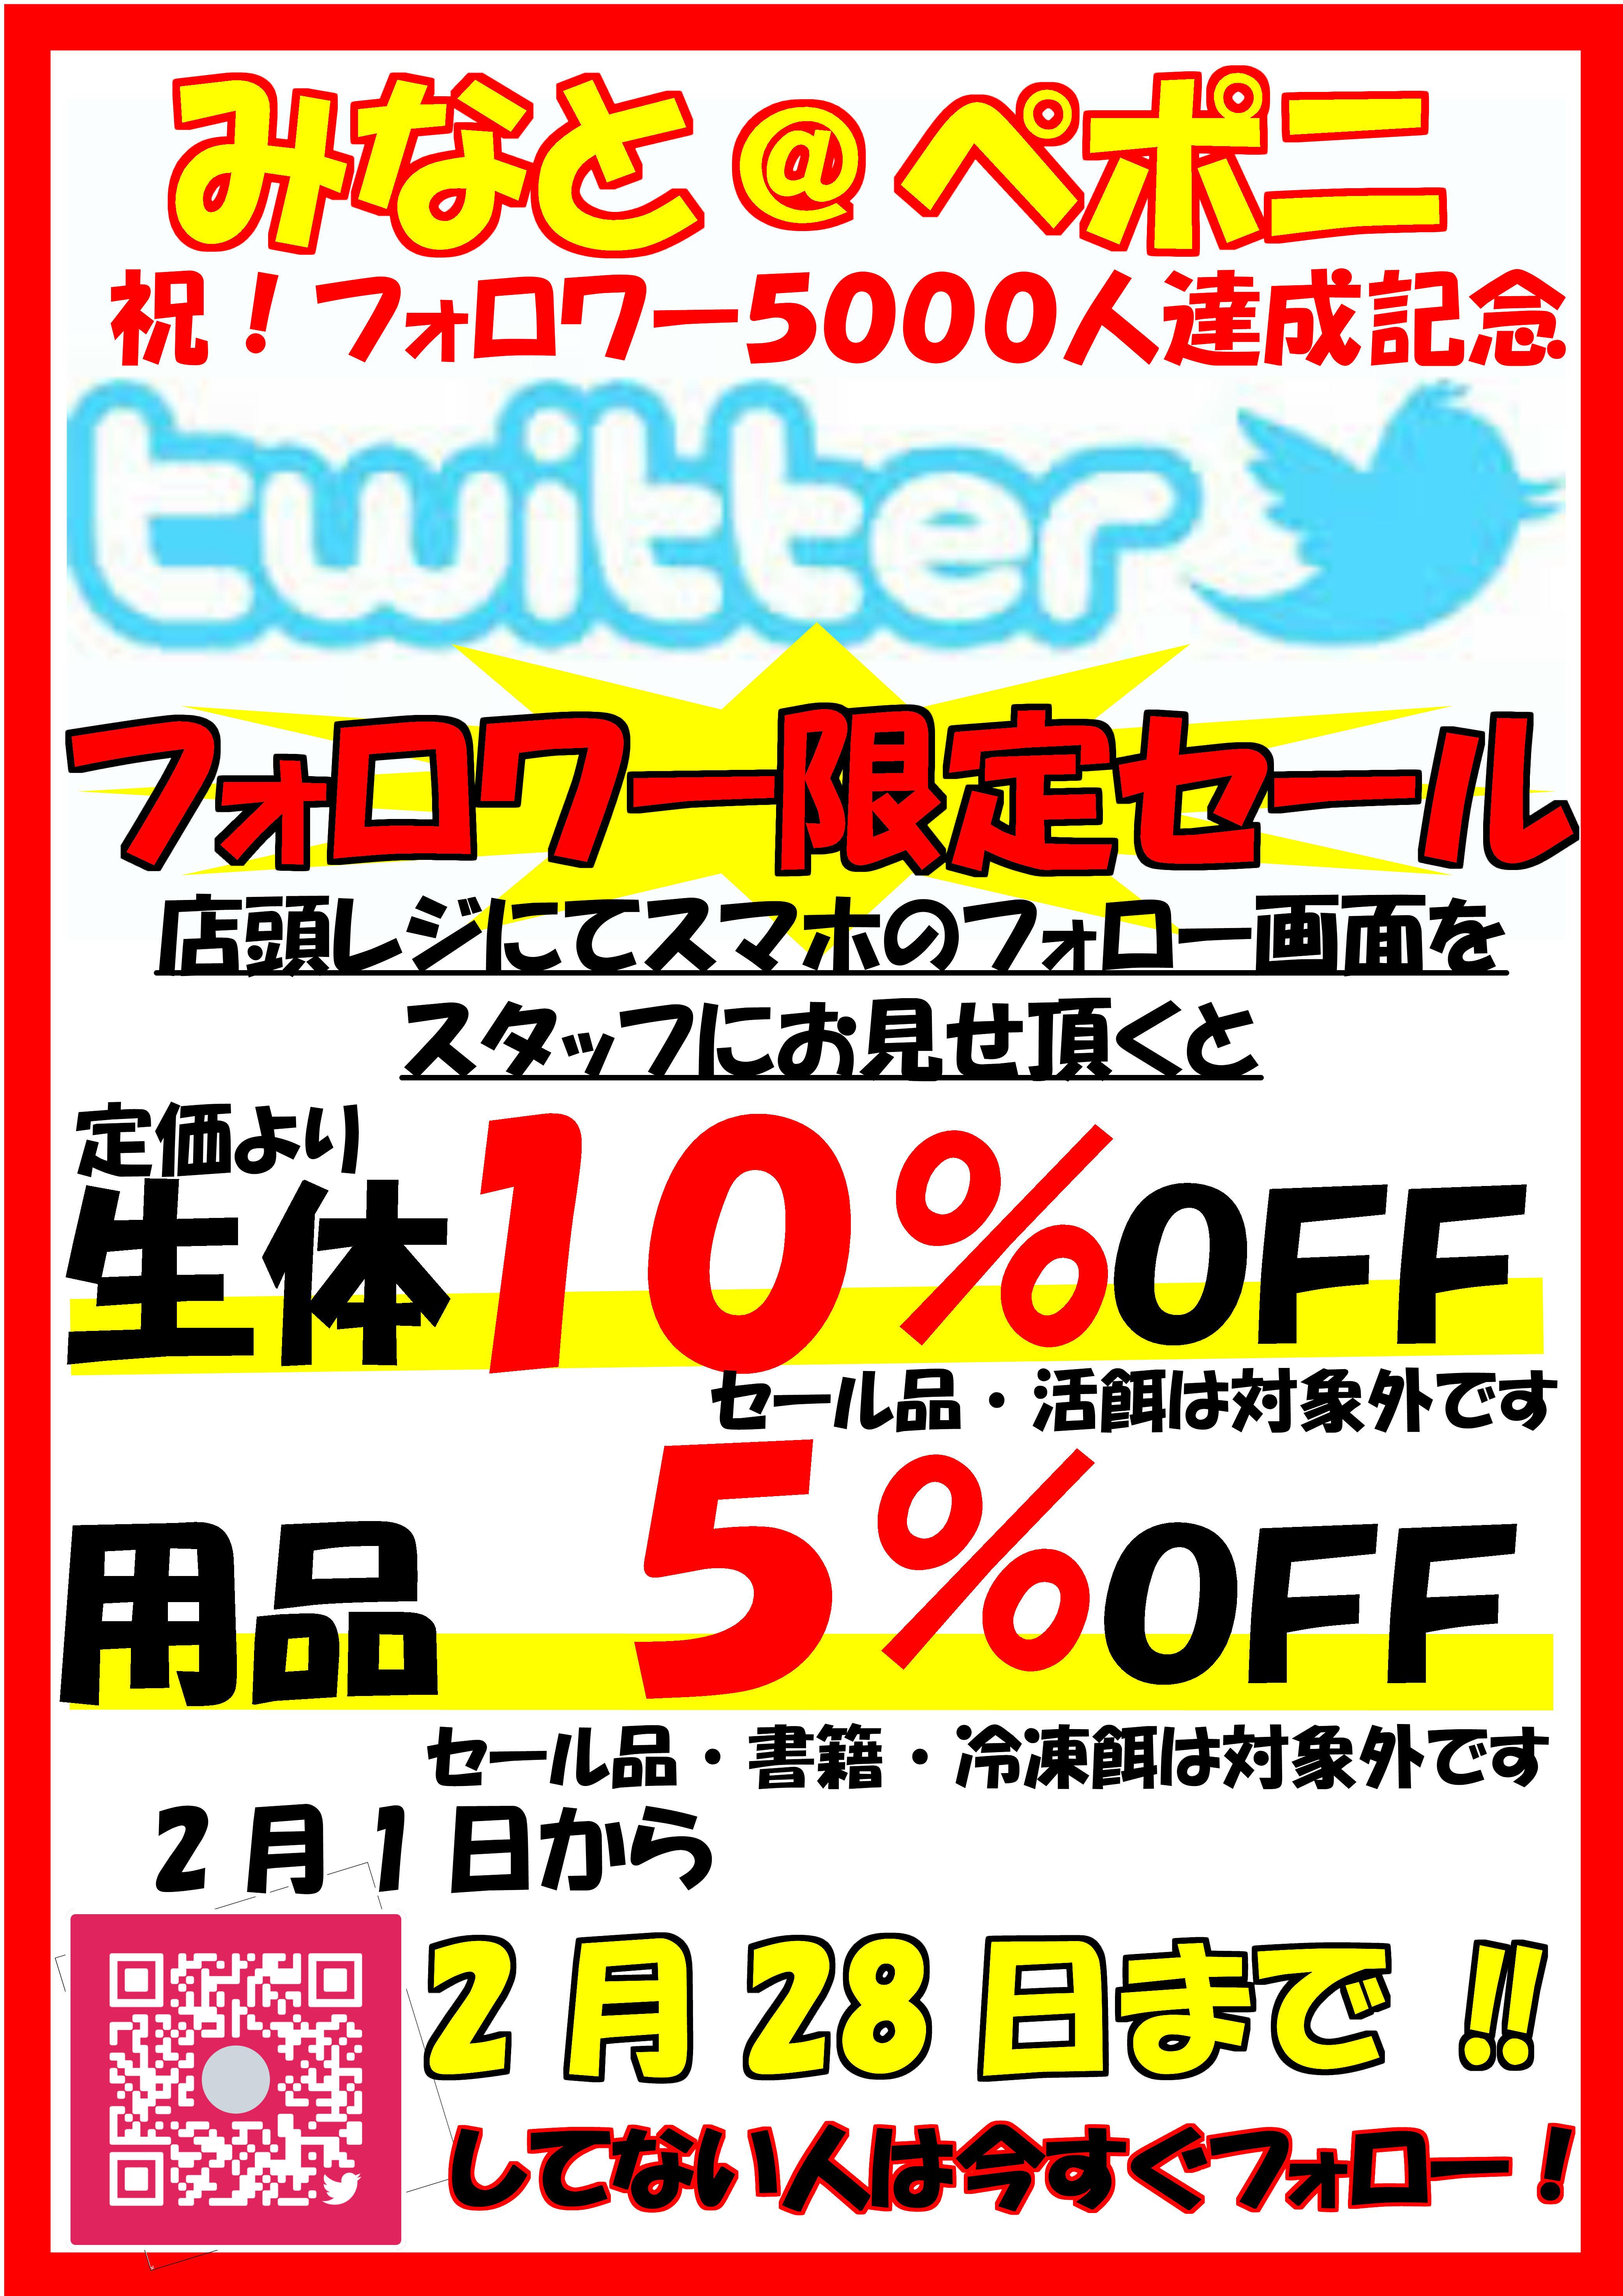 Twitterフォロワー5,000人記念!!!!!@みなとペポニ